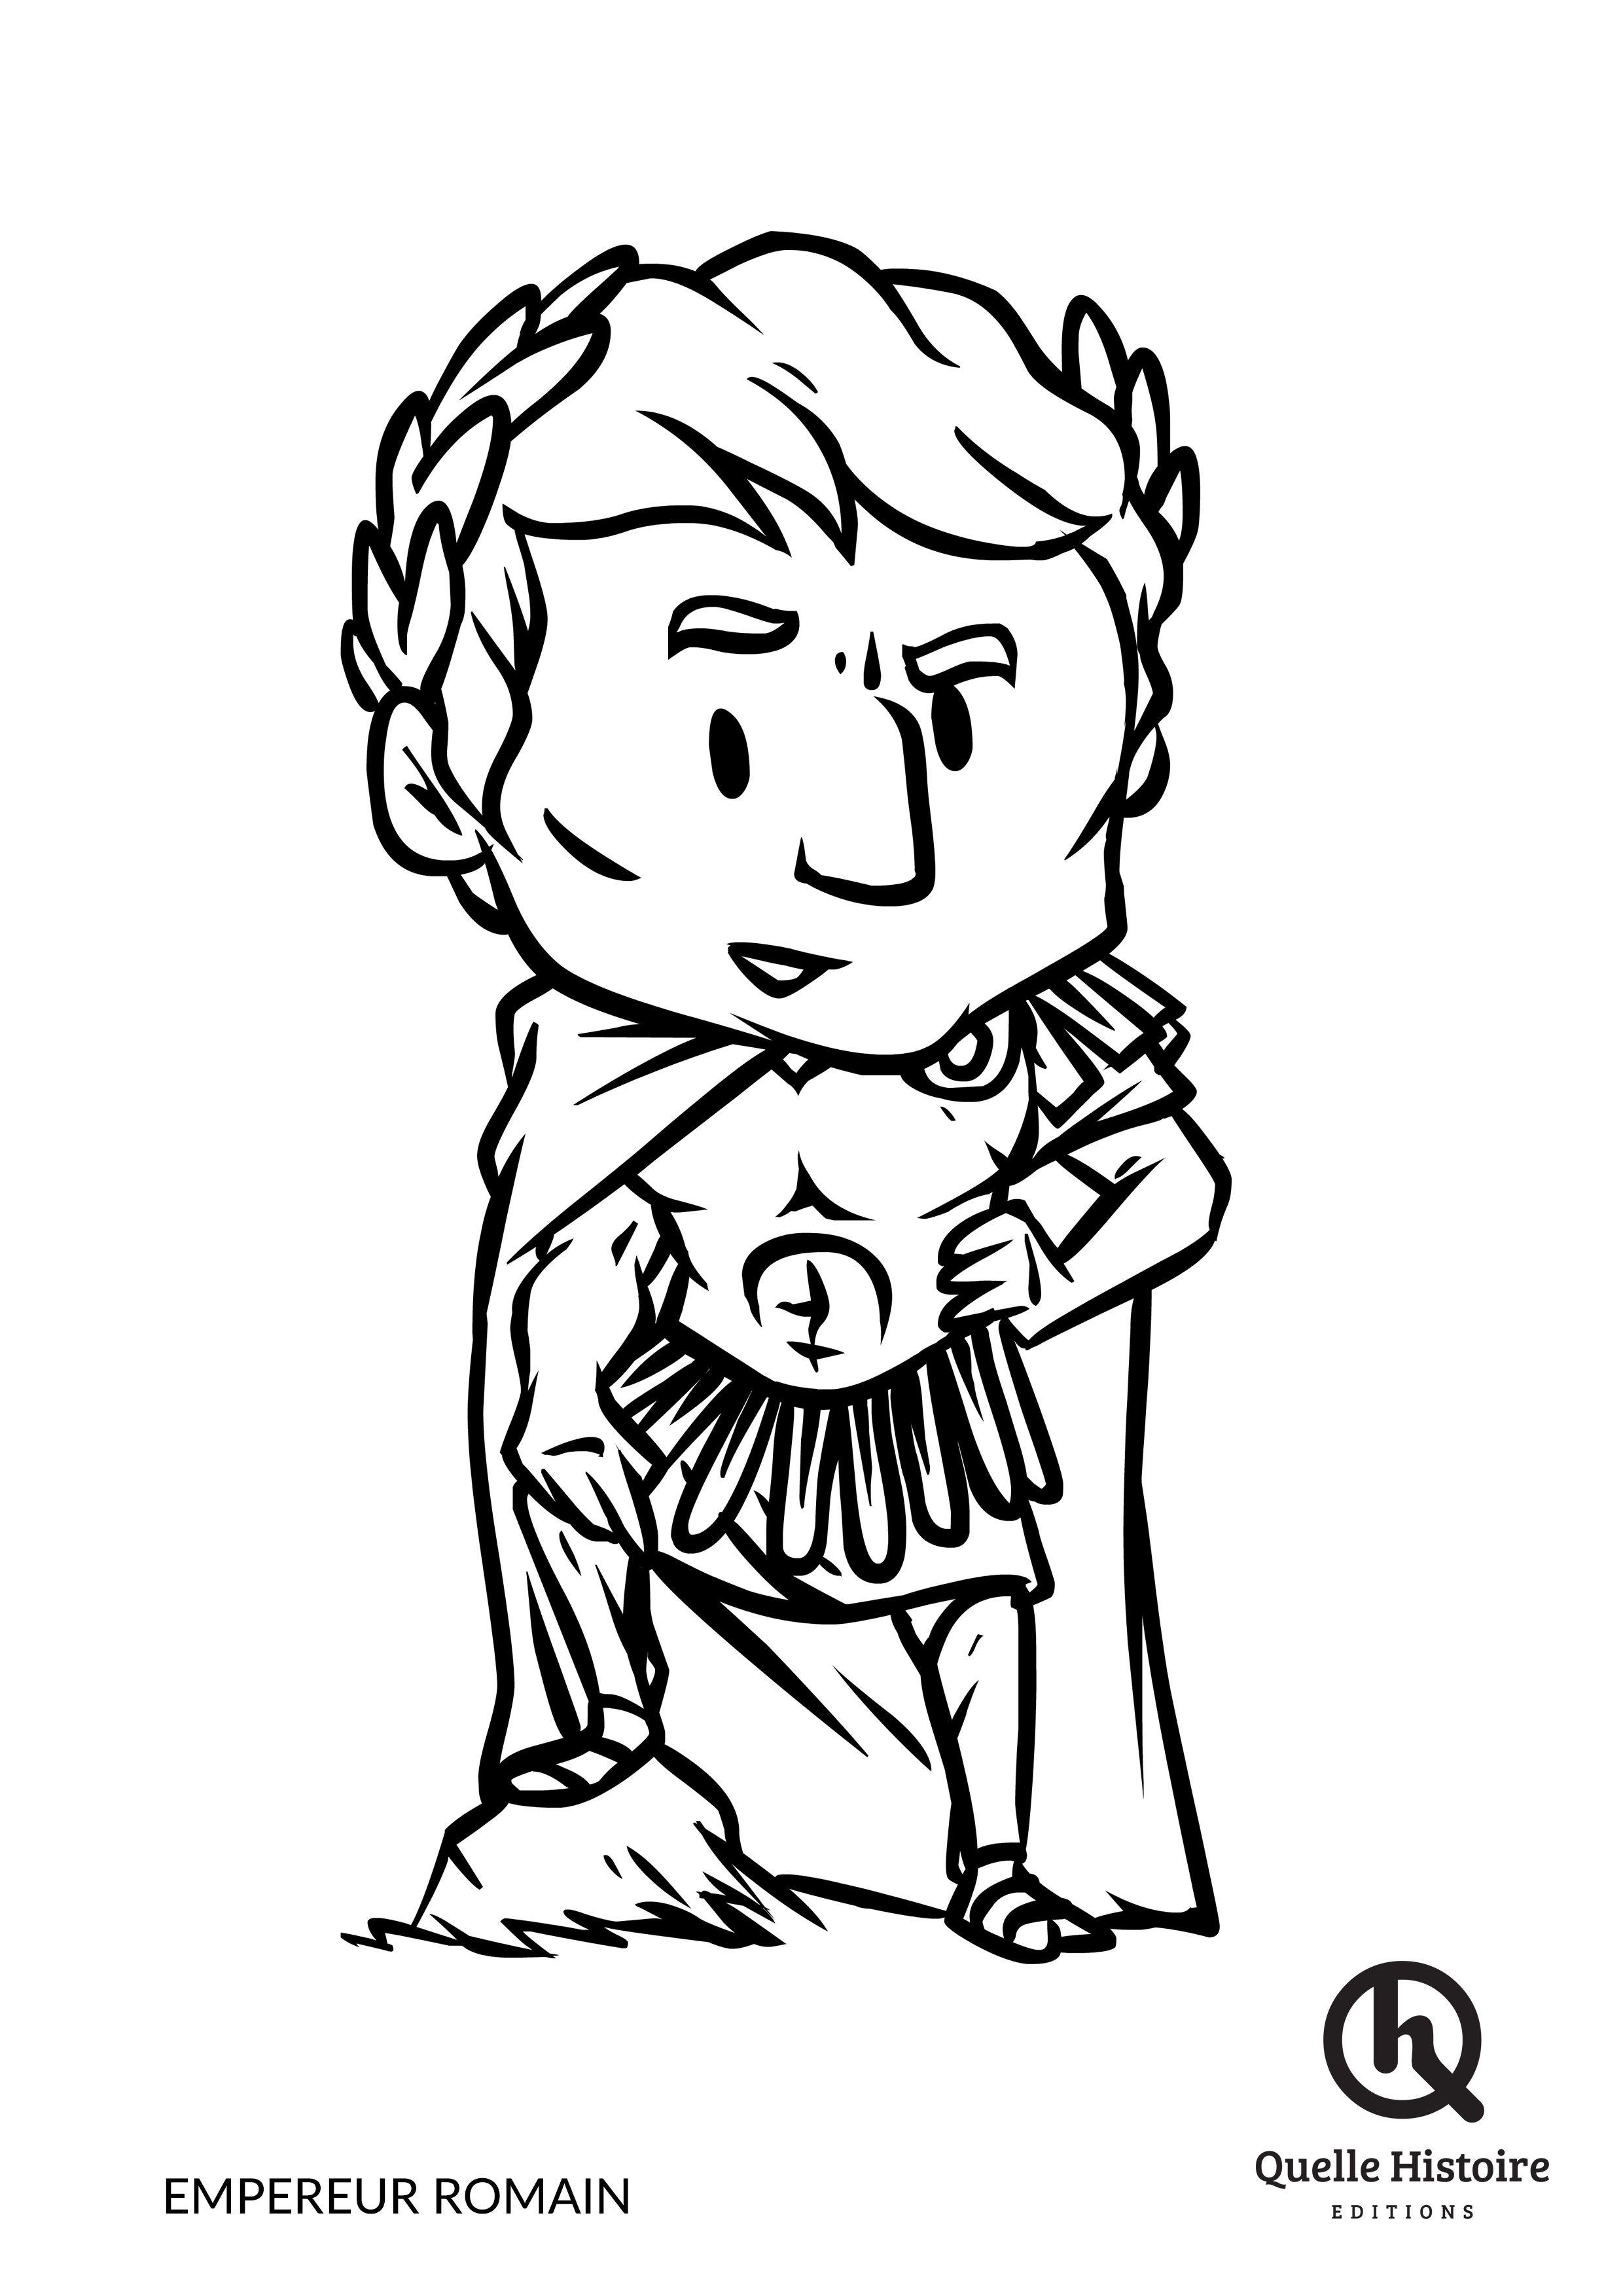 Empereur Romain - Coloriage - Quelle Histoire Edtions à Coloriages Numérotés À Imprimer